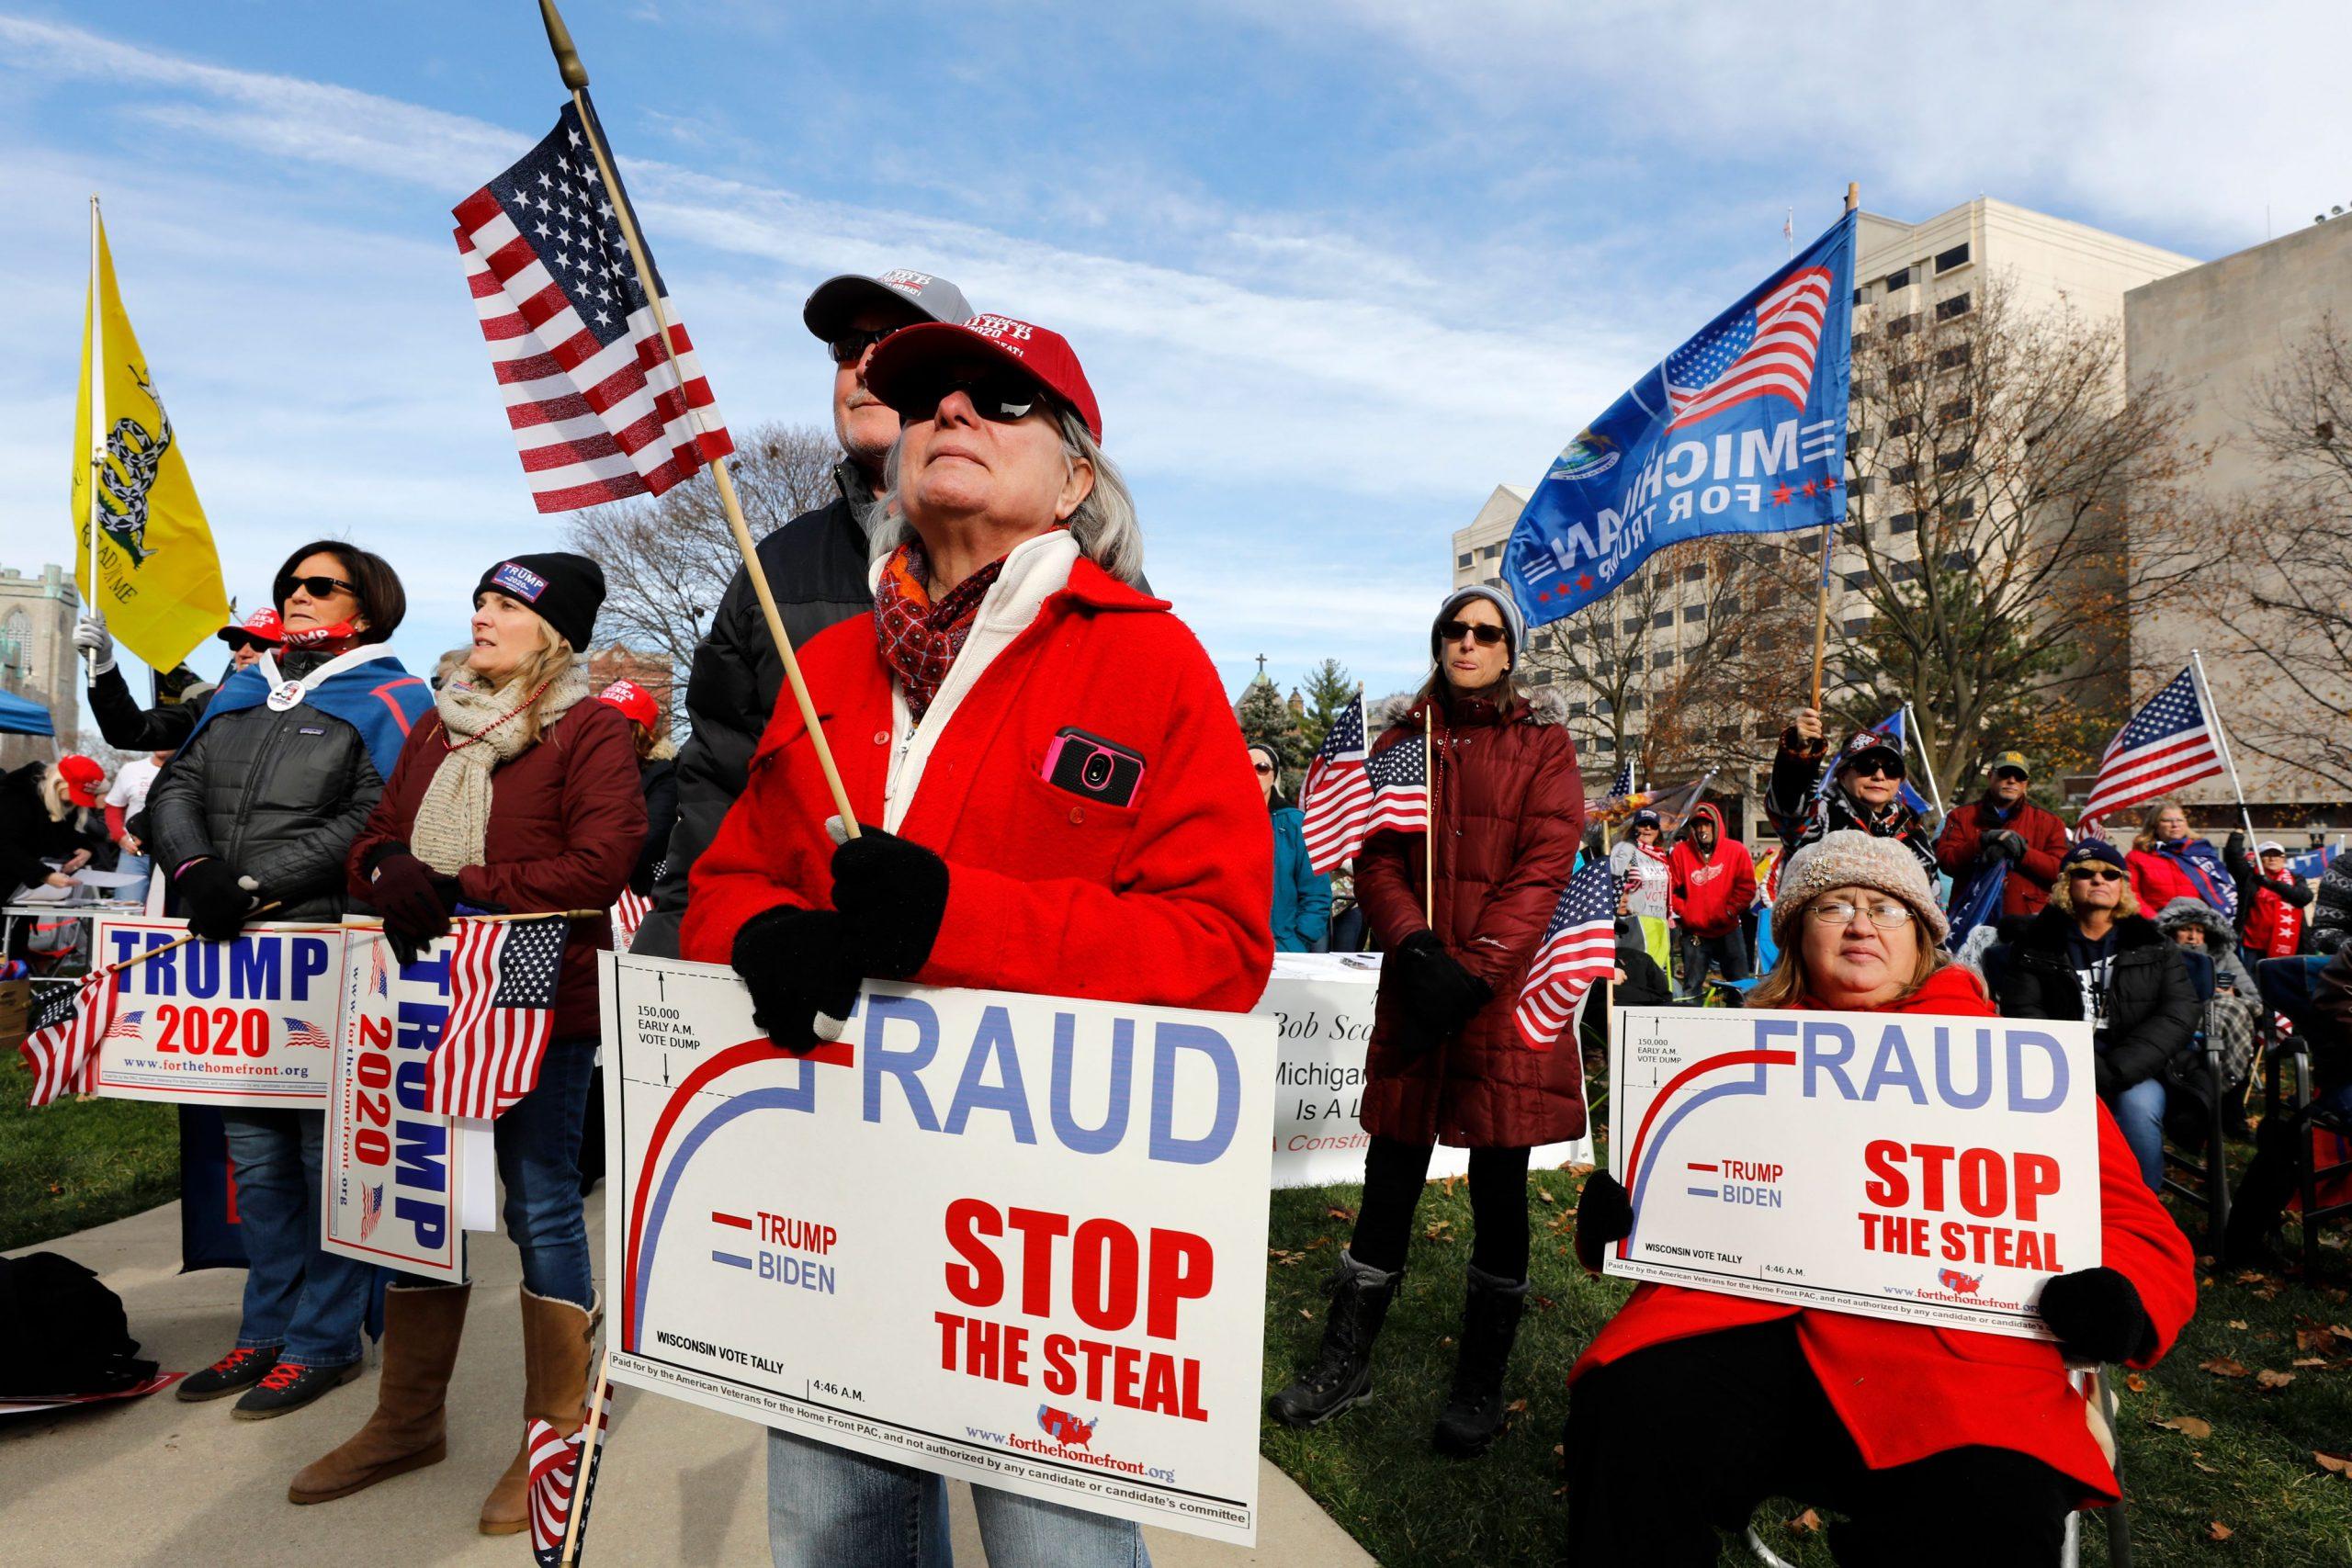 Michigan: Republikaner nehmen Bestätigung von Wahlergebnis zurück